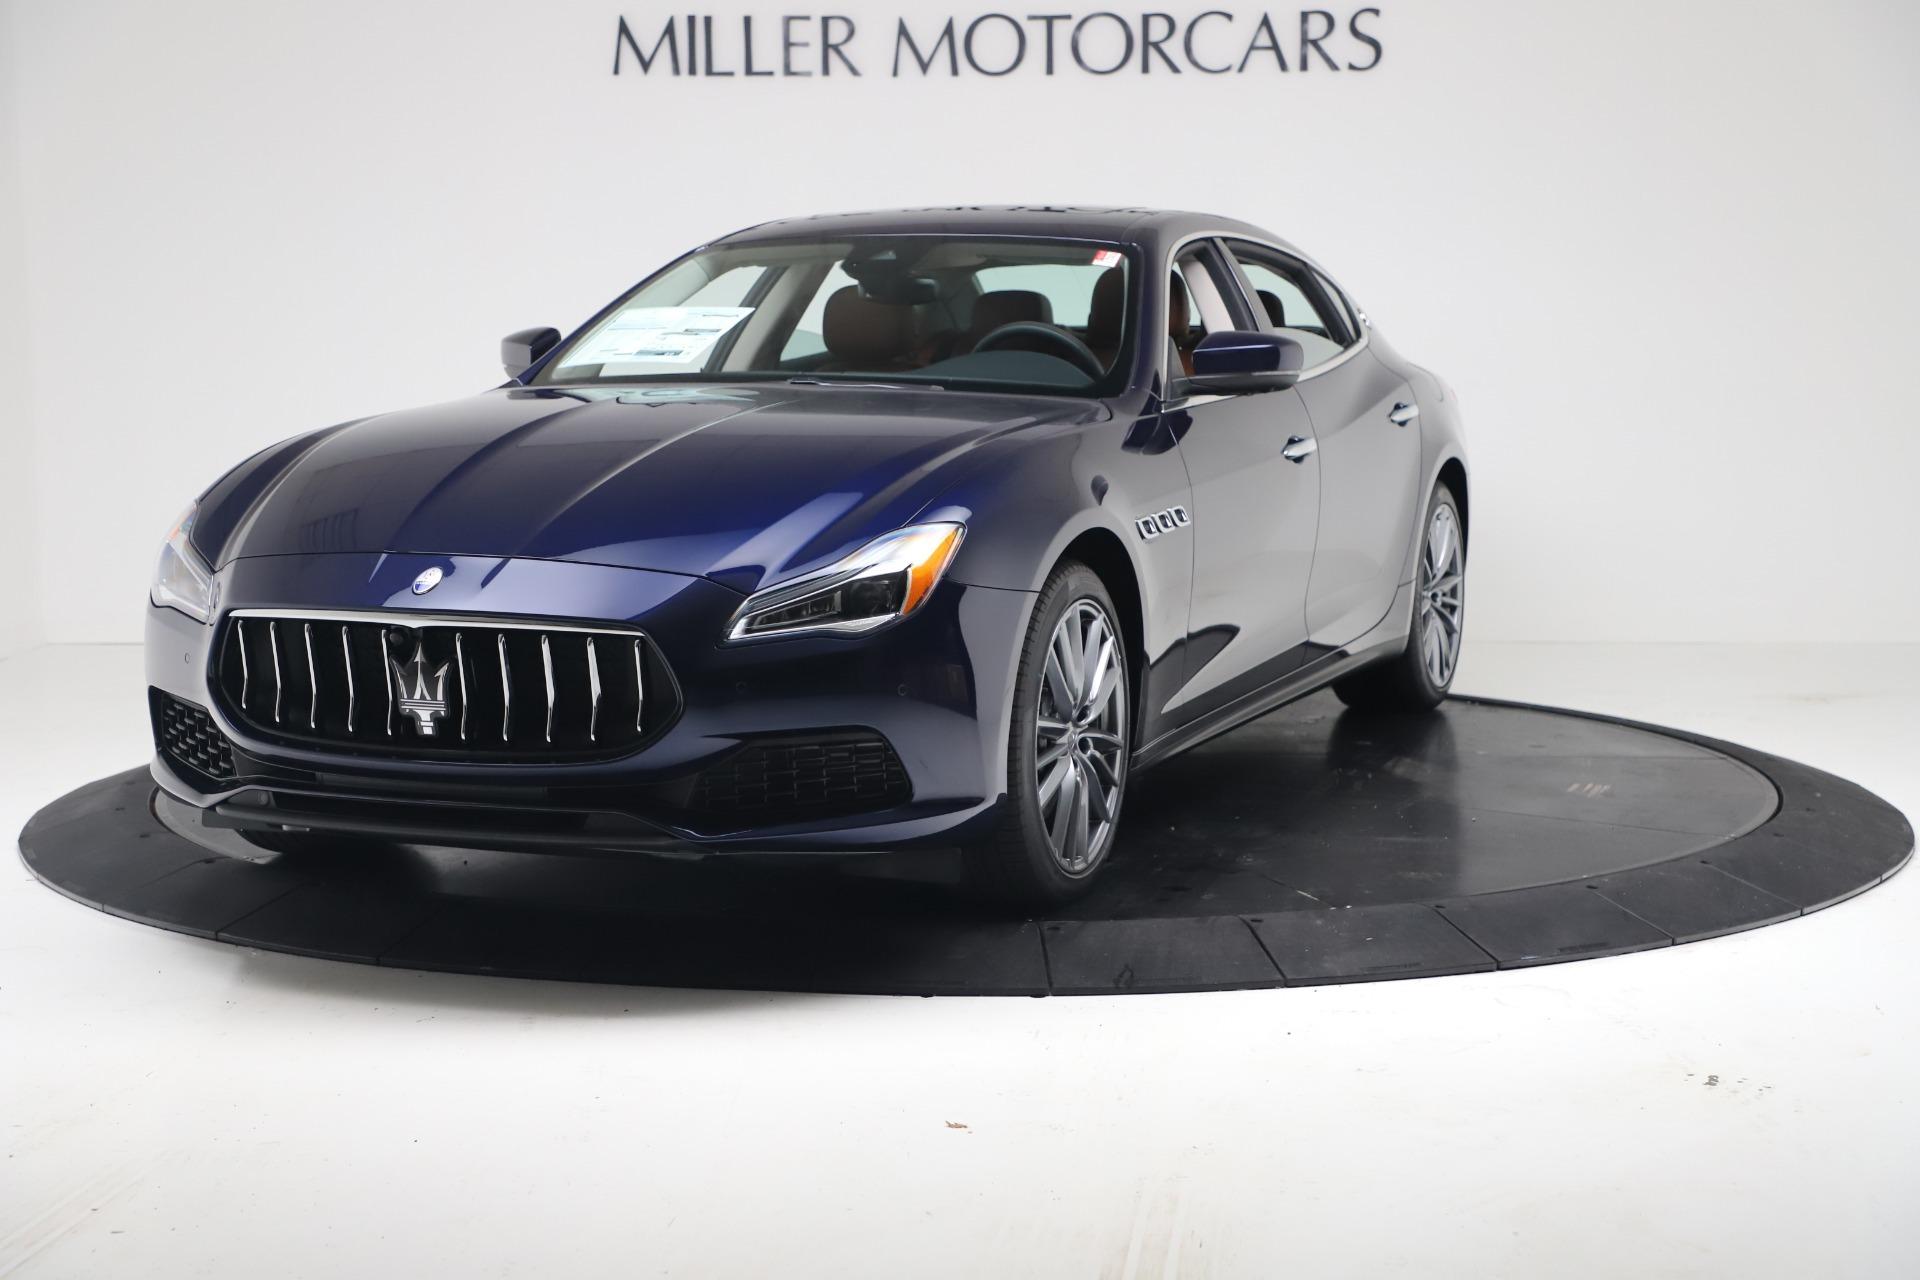 New 2020 Maserati Quattroporte S Q4 GranLusso for sale $122,185 at McLaren Greenwich in Greenwich CT 06830 1